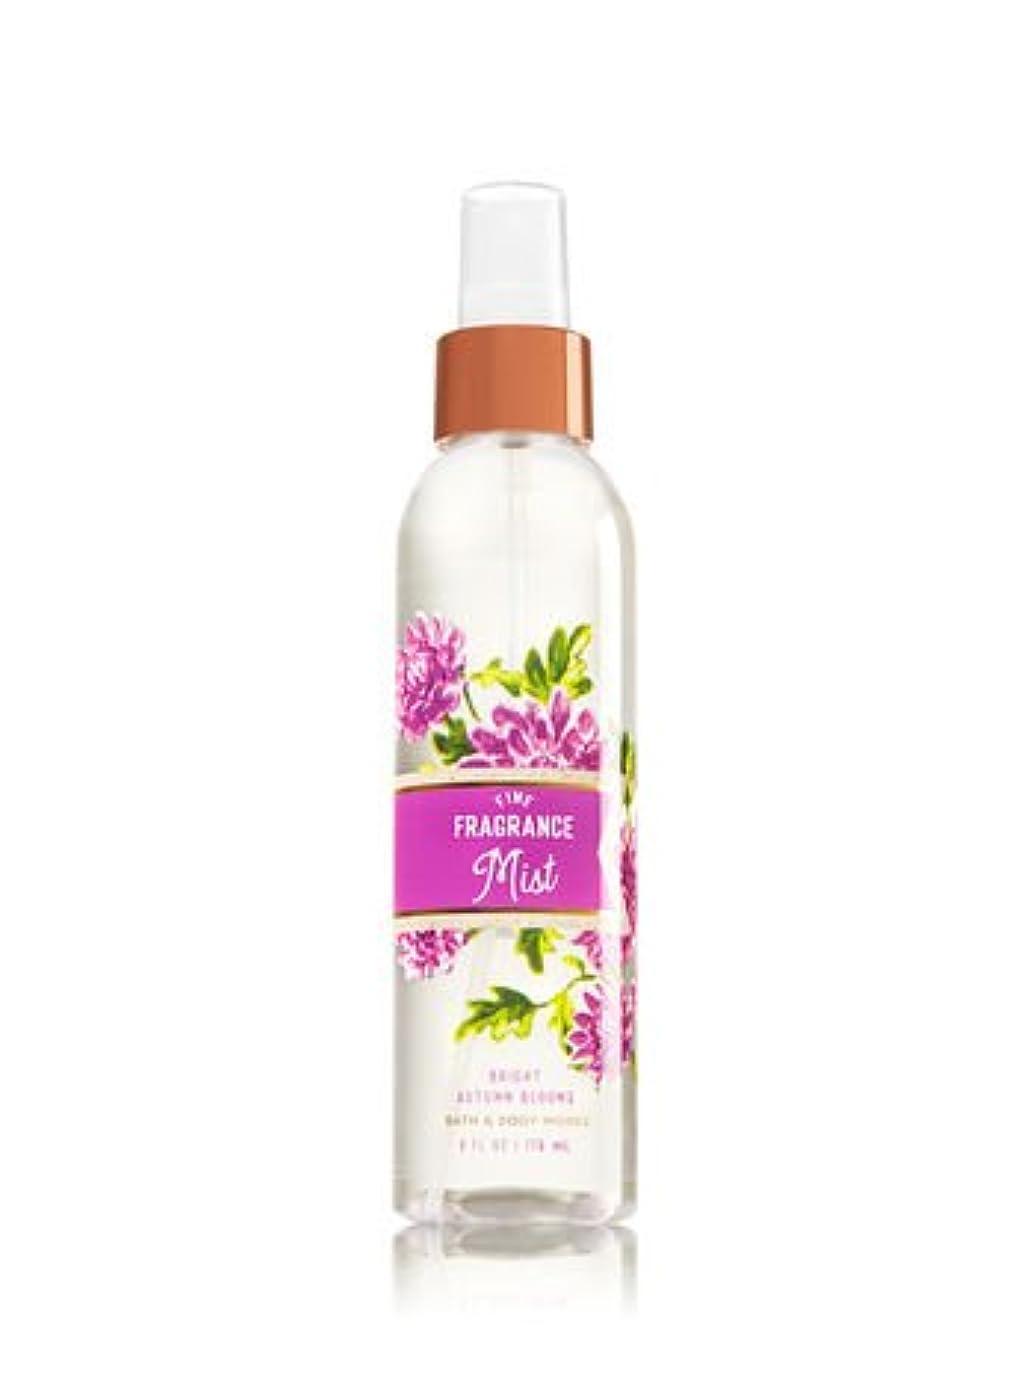 医師悪性腫瘍年【Bath&Body Works/バス&ボディワークス】 ファインフレグランスミスト ブライトオータムブルーム Fine Fragrance Mist Bright Autumn Blooms 6oz (176ml) [並行輸入品]